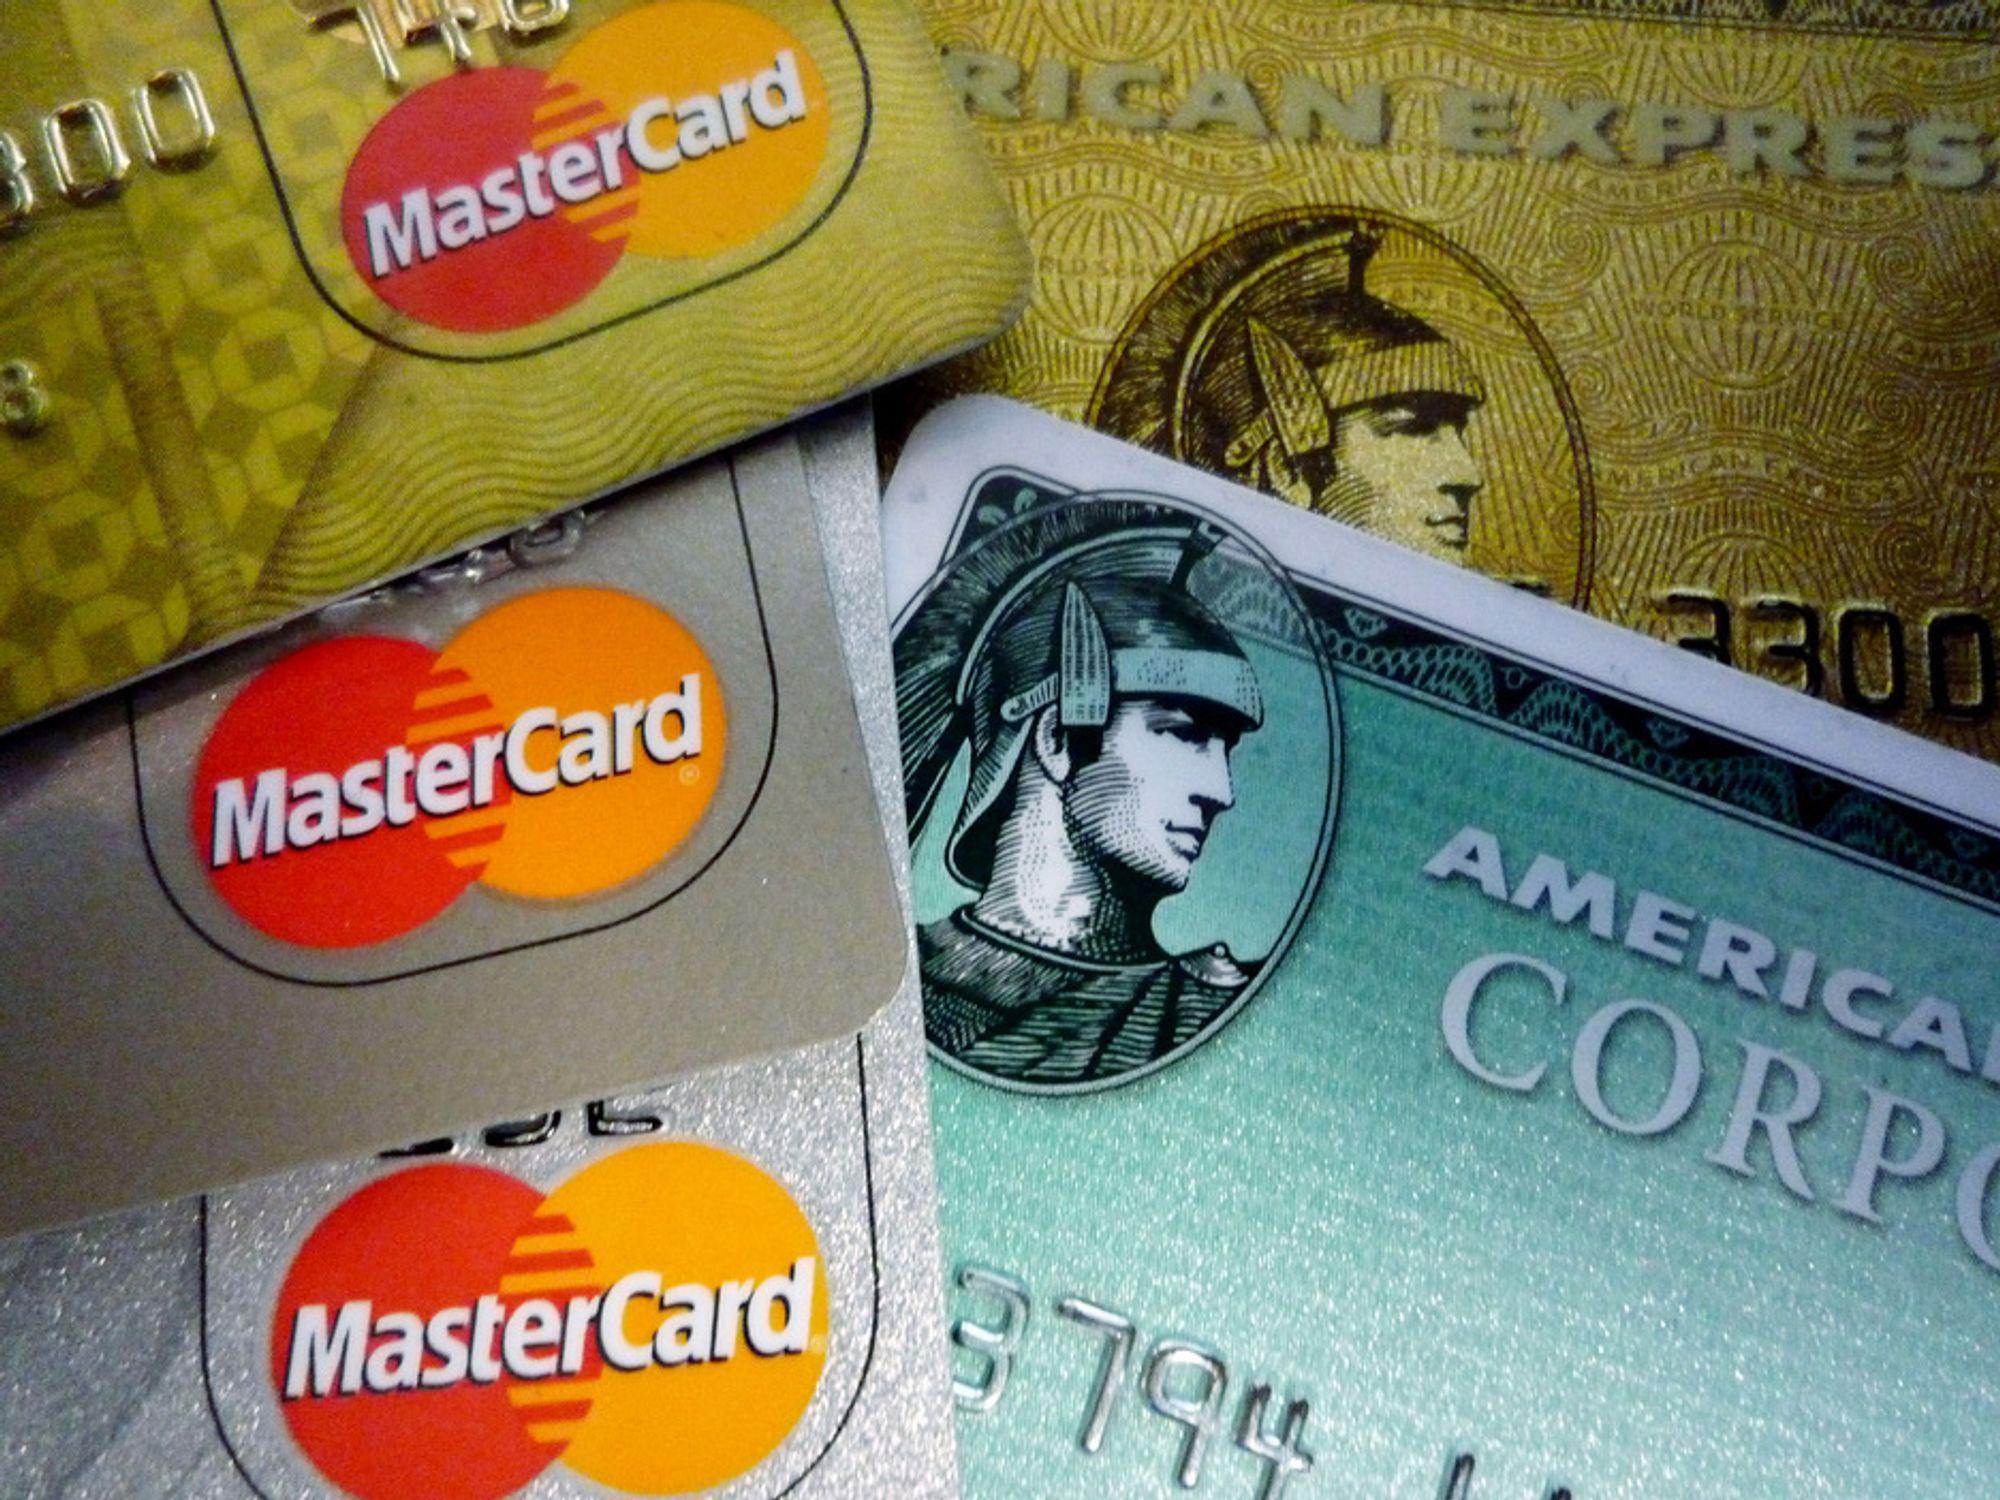 MILLIARDBUTIKK: Kredittkortnumre er blant handelsvarene som omsettes på lukkede kriminelle fora på nettet.